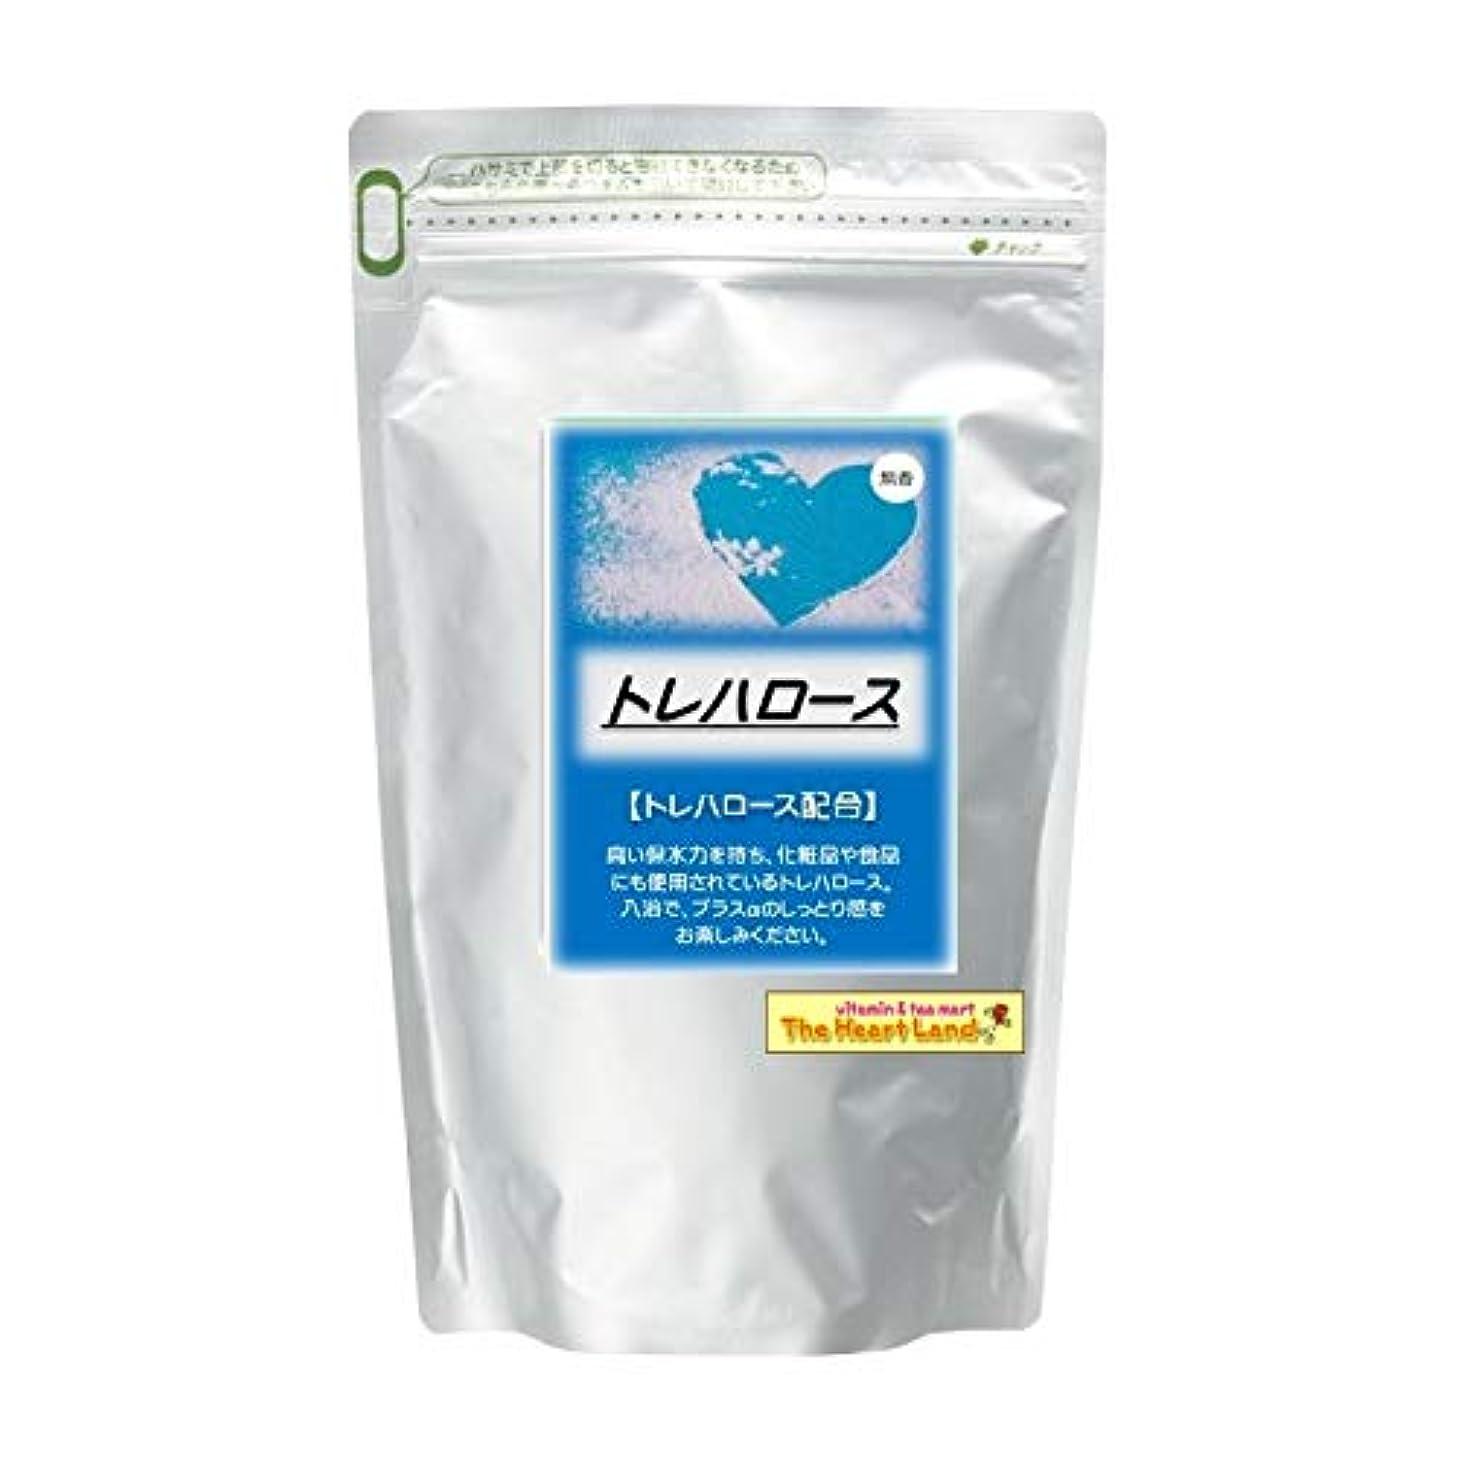 ほのか終わりサンダーアサヒ入浴剤 浴用入浴化粧品 トレハロース 2.5kg